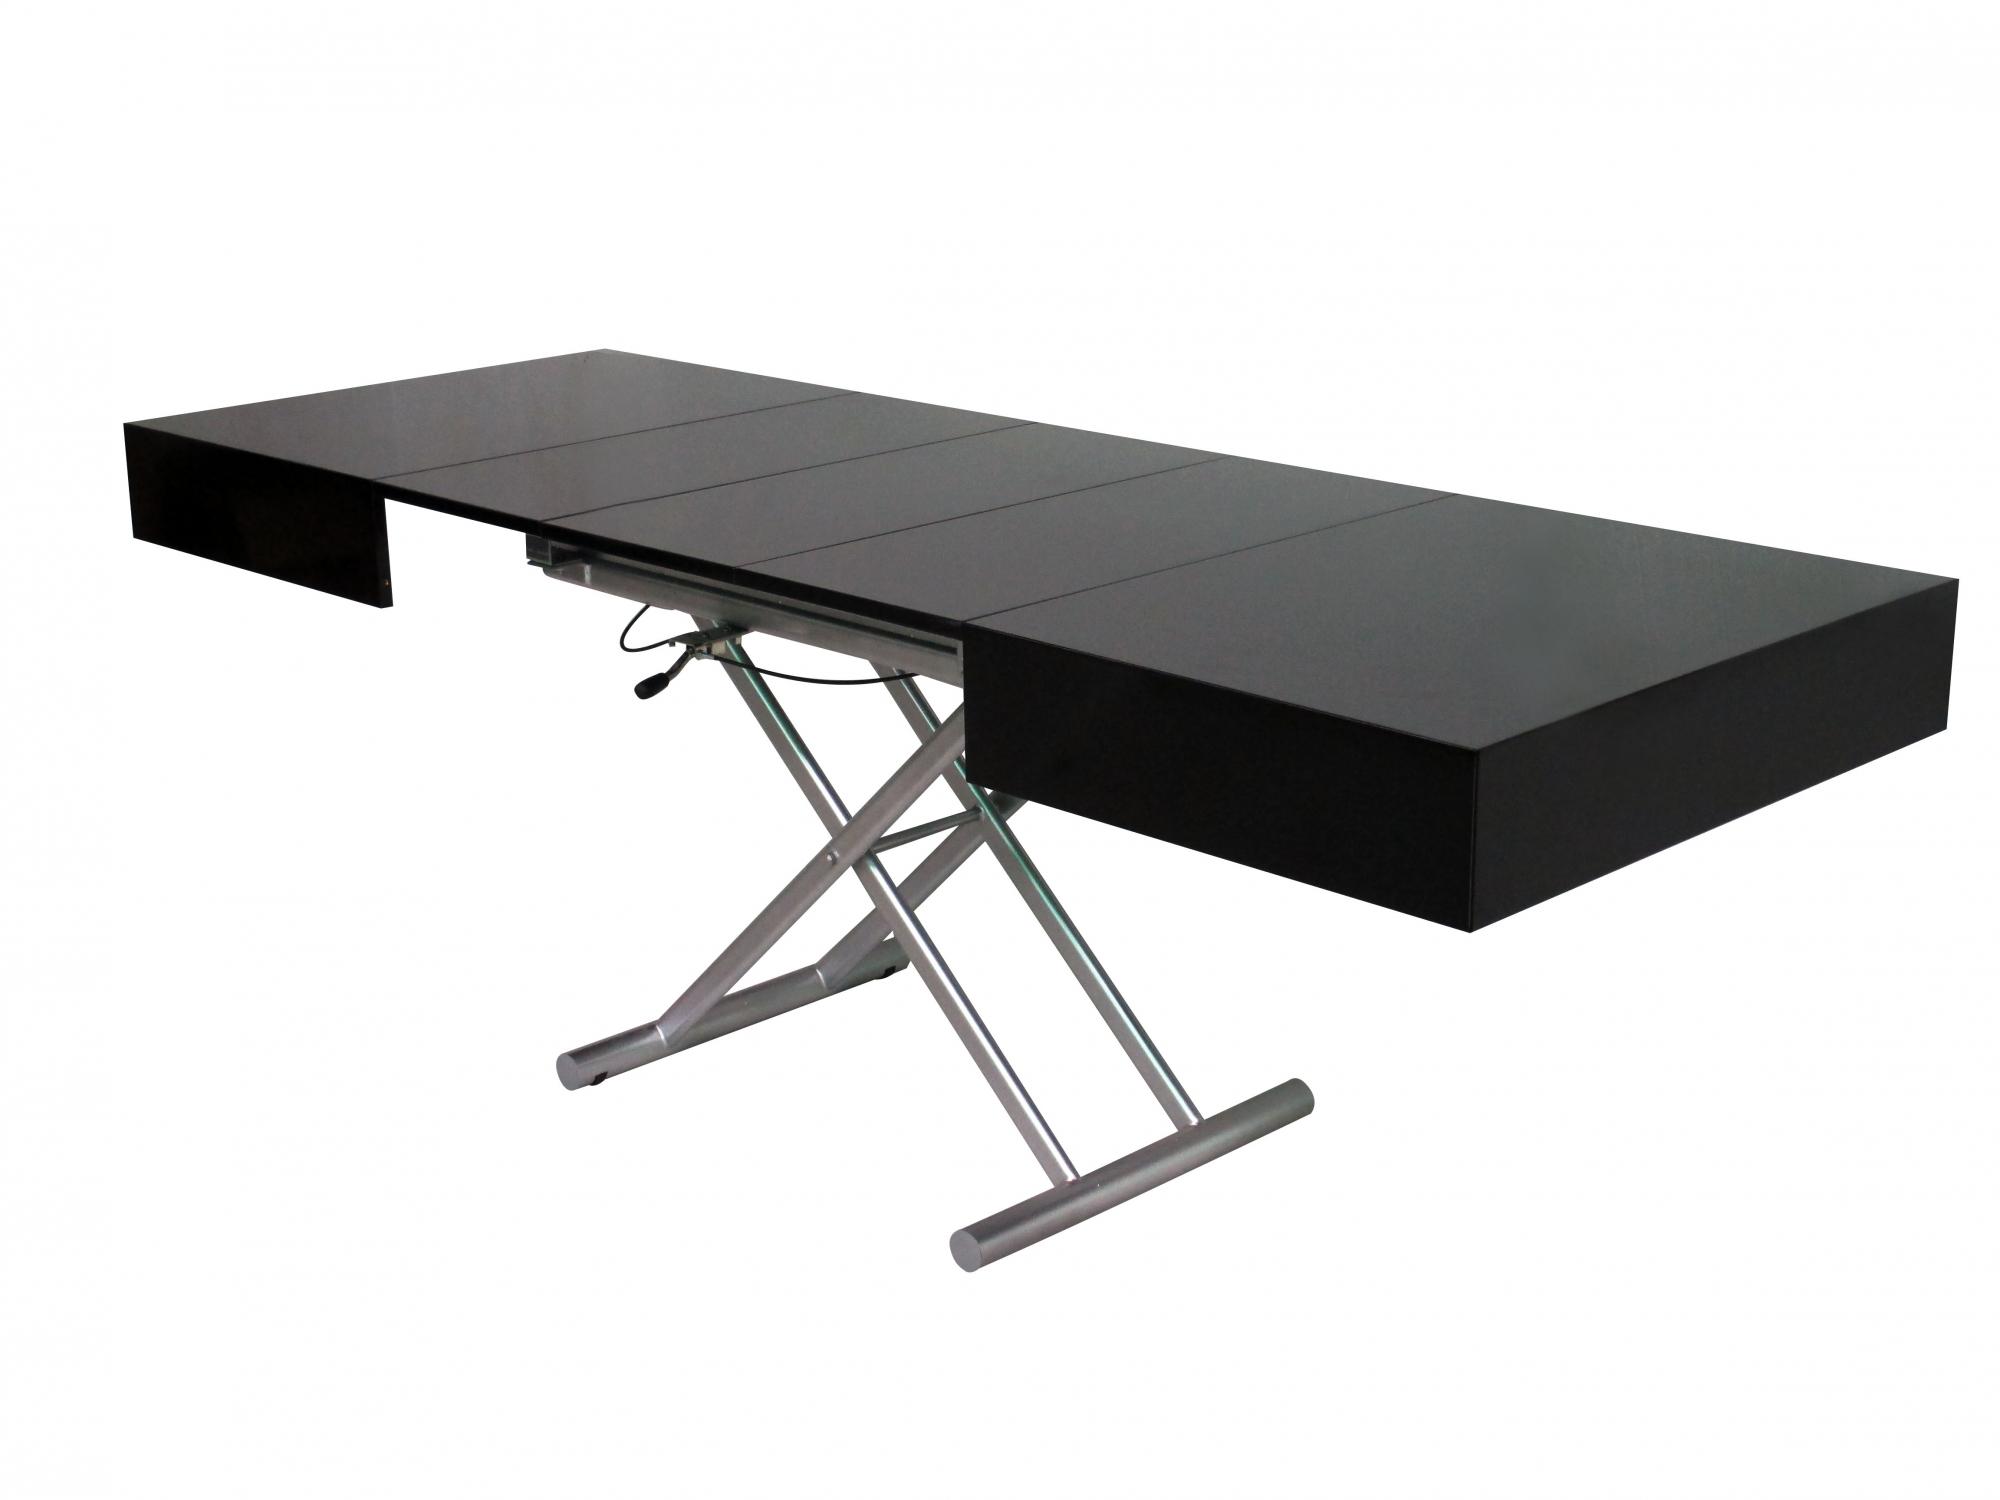 Wengé Gain Table Boutique Relevable Basse De Extensible Seville kiwXPZlOuT